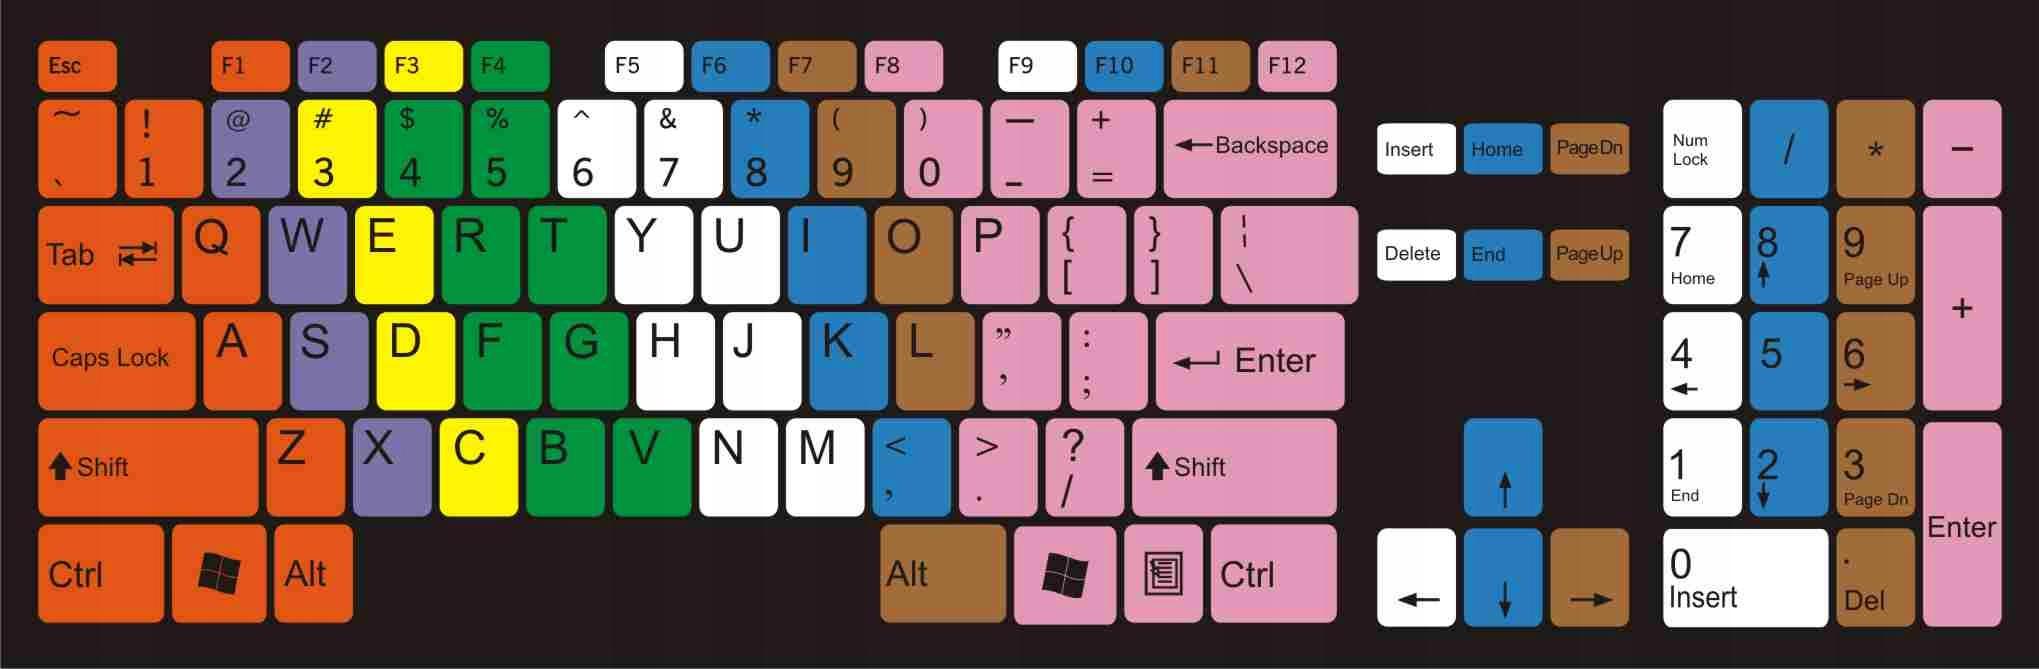 Naklejki do nauki bezwzrokowego pisania klawiatura 9043460762 - Sklep internetowy AGD, RTV, telefony, laptopy - Allegro.pl